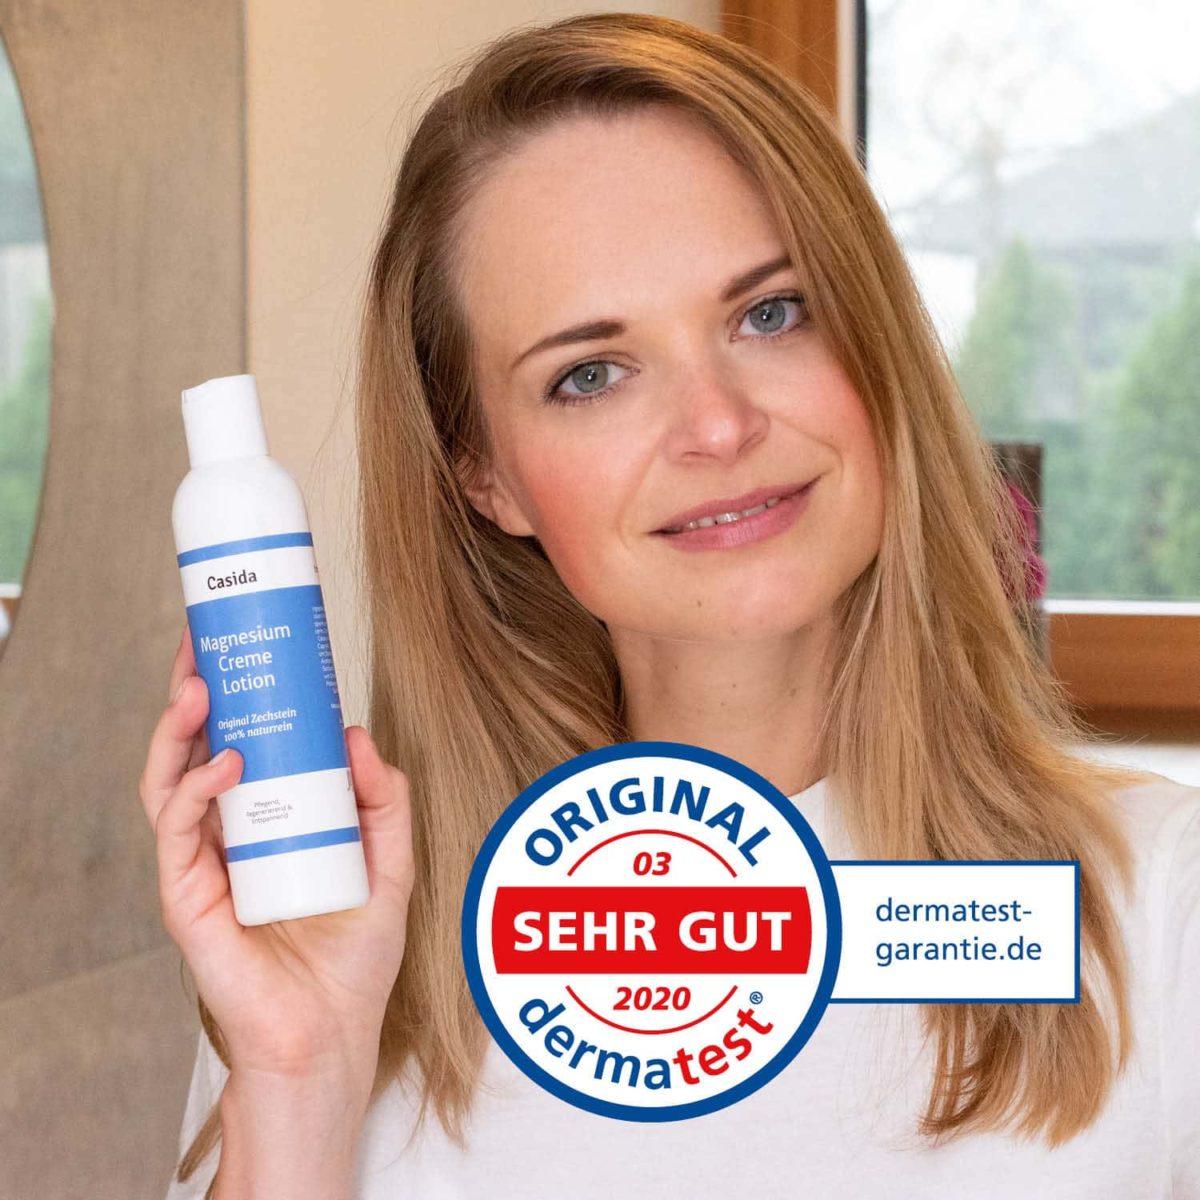 Casida Magnesium Cream Lotion 200 ml 12902245 PZN Apotheke Regenerierende Hautpflege Dermatest8